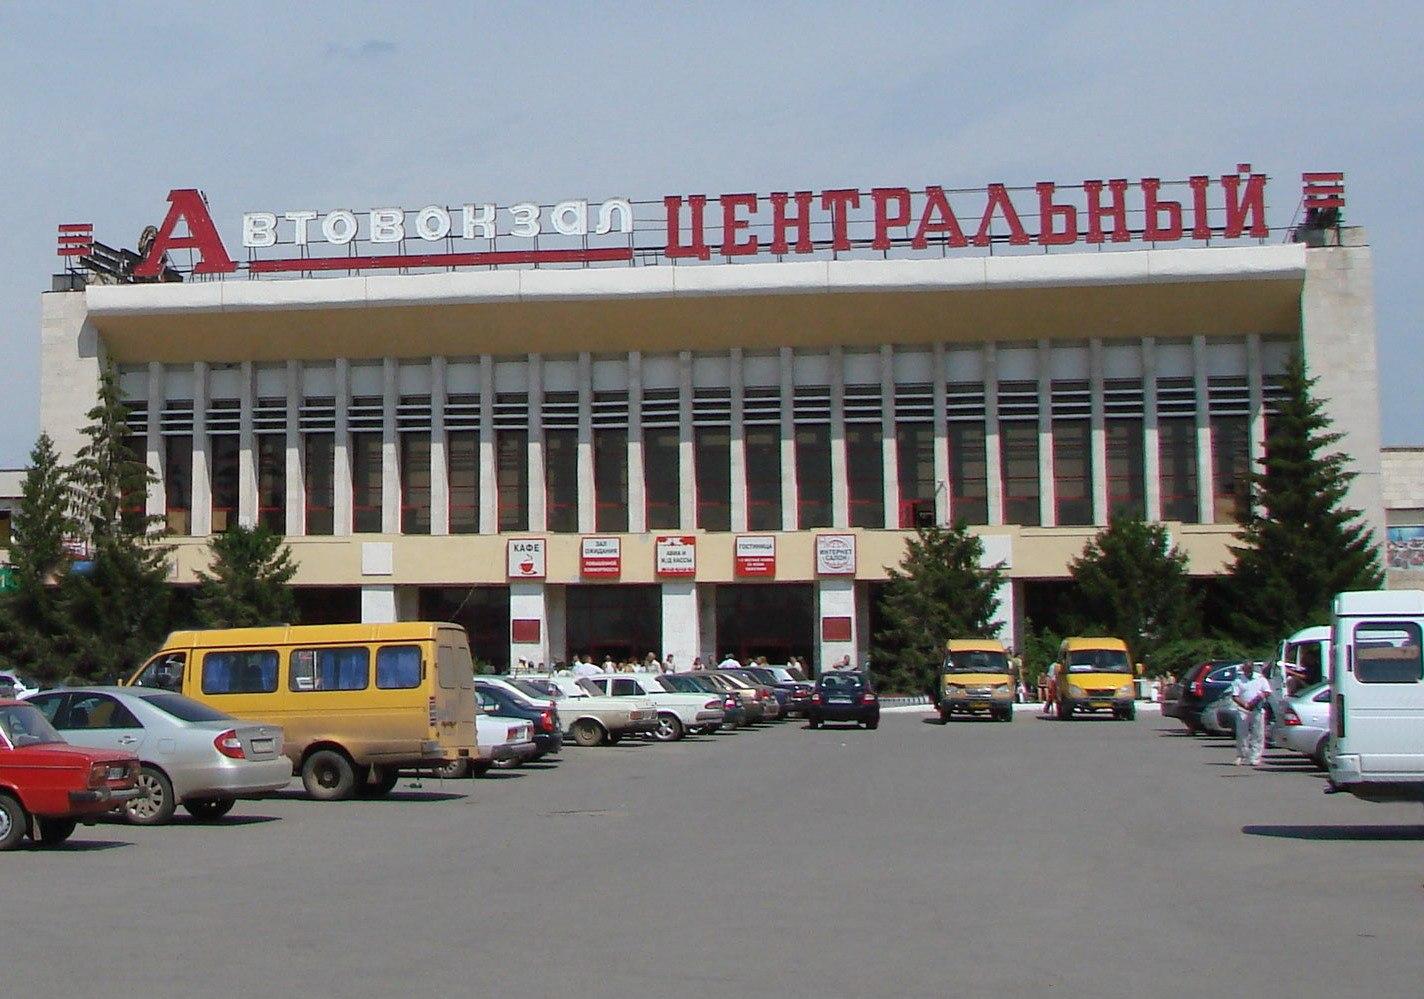 Центральный автовокзал, Самара